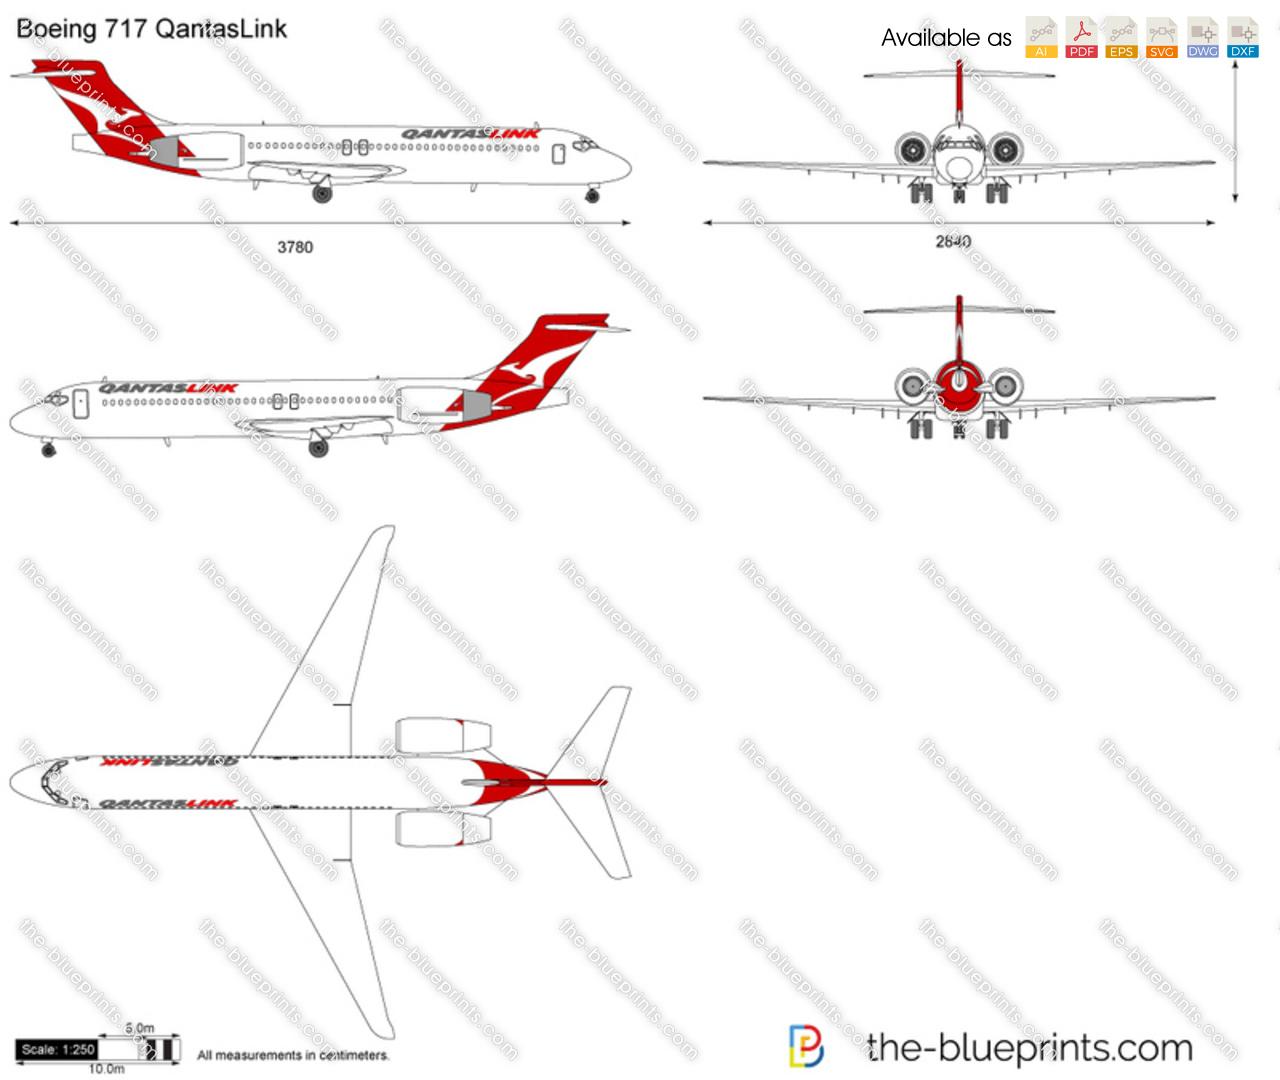 Boeing 717 QantasLink